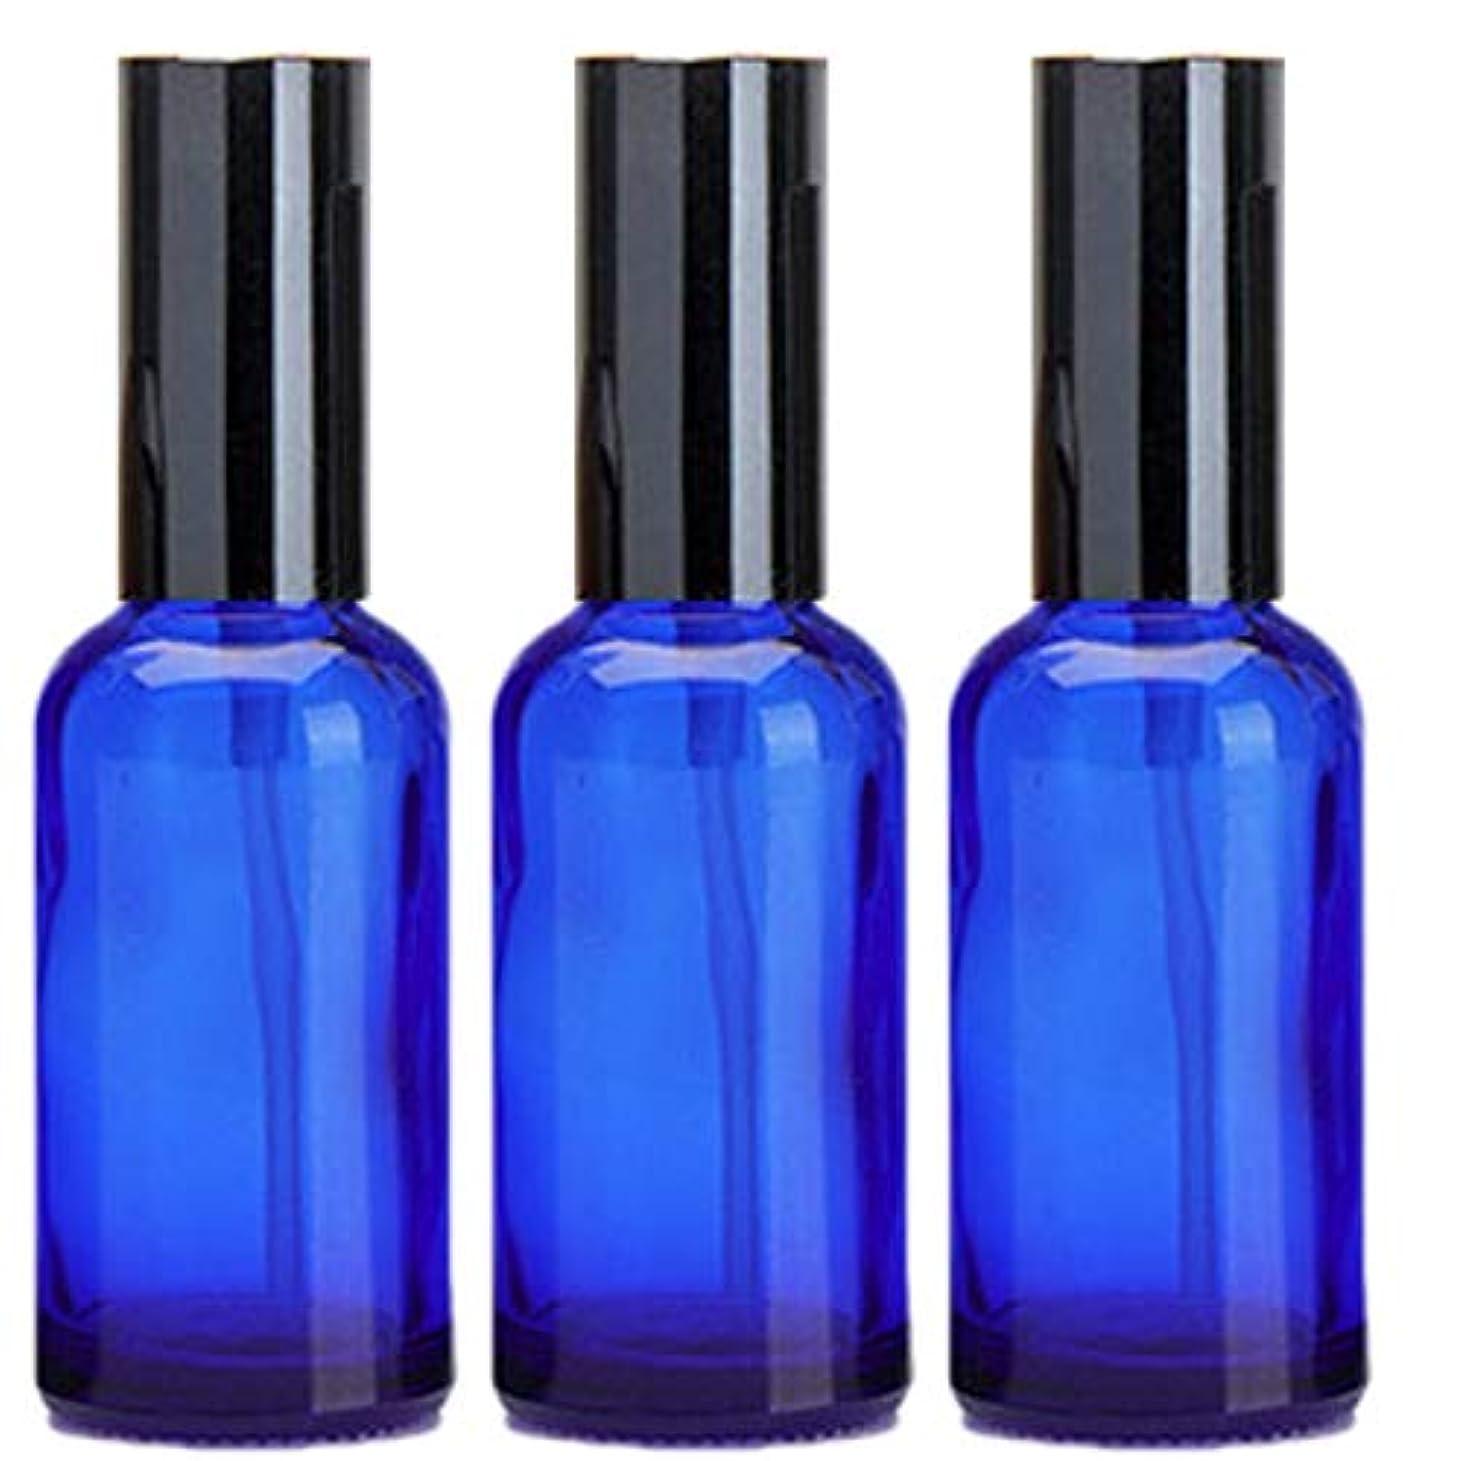 失効君主制知り合い乳液 ボトル 3本セット クリーム容器 アロマクリーム ハンドクリーム 遮光瓶 ガラス 瓶 アロマ ボトル ビン 保存 詰替え 青色 ブルー (30m?3本)